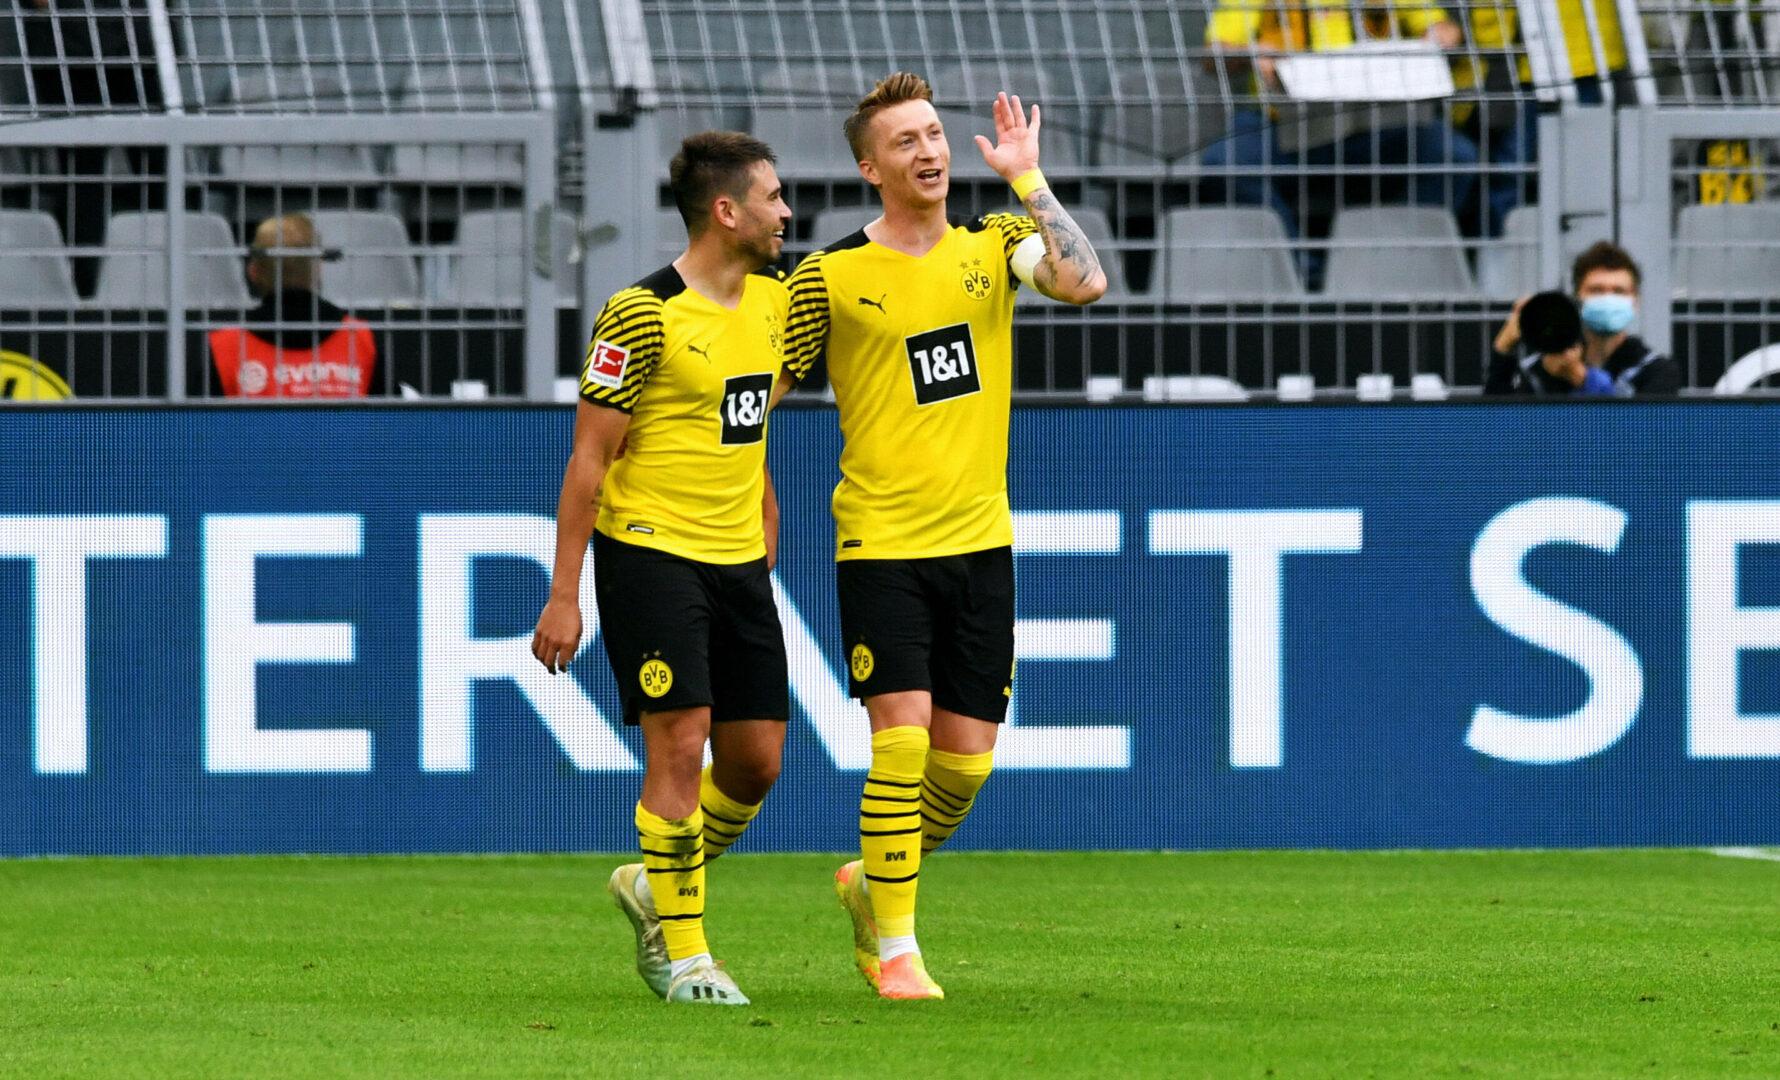 """Reus sieht Nachholbedarf trotz BVB-Sieg: """"Cleverer und erwachsener spielen"""""""